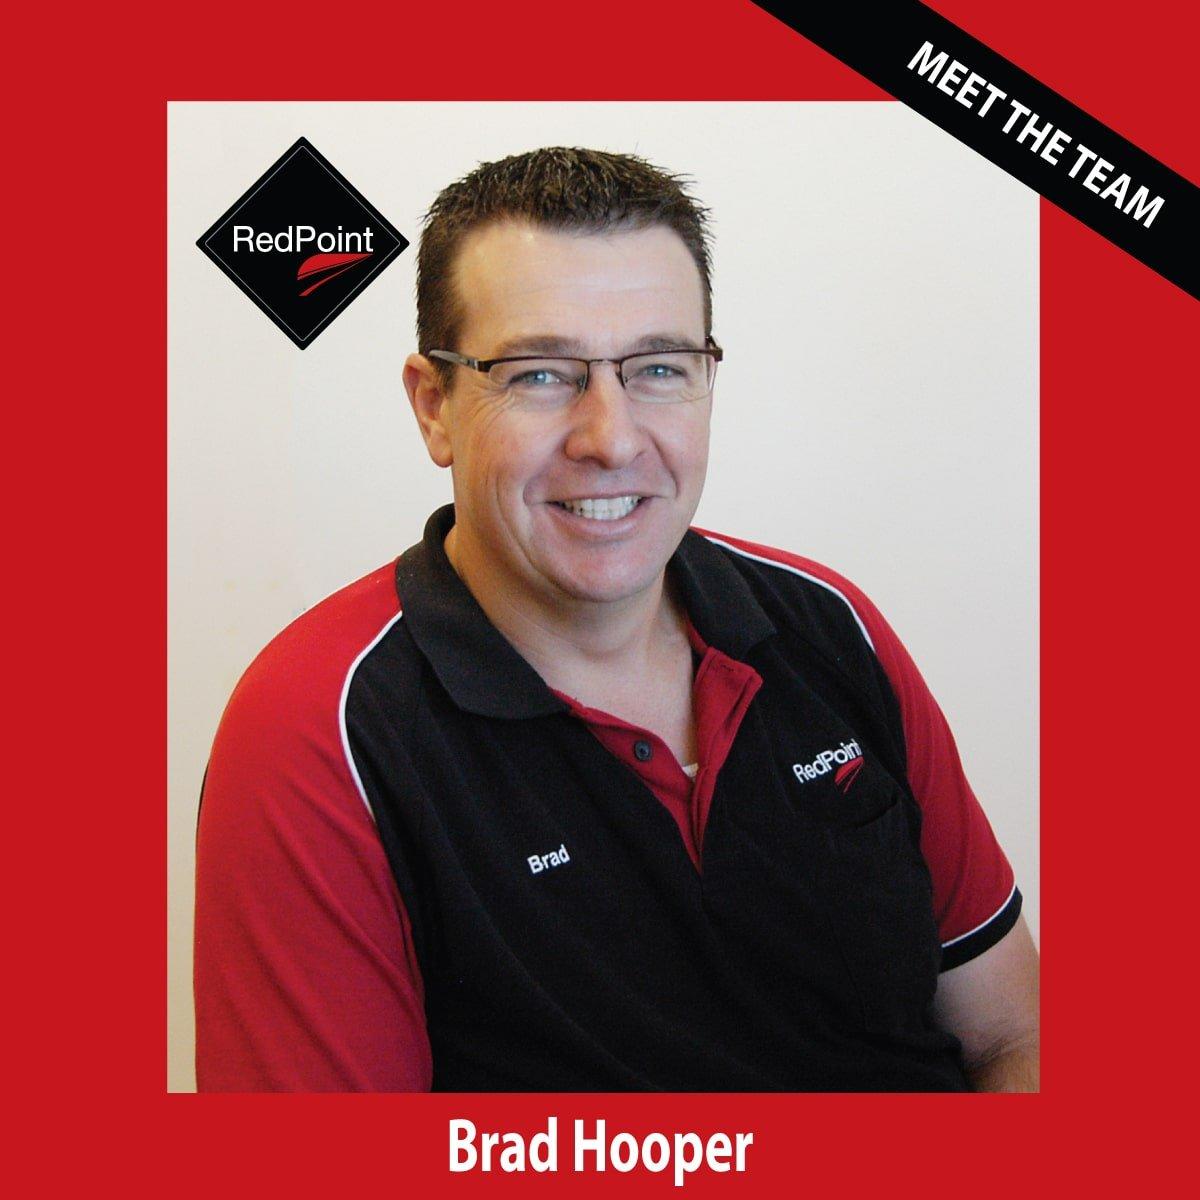 Team RedPoint Brad Hooper